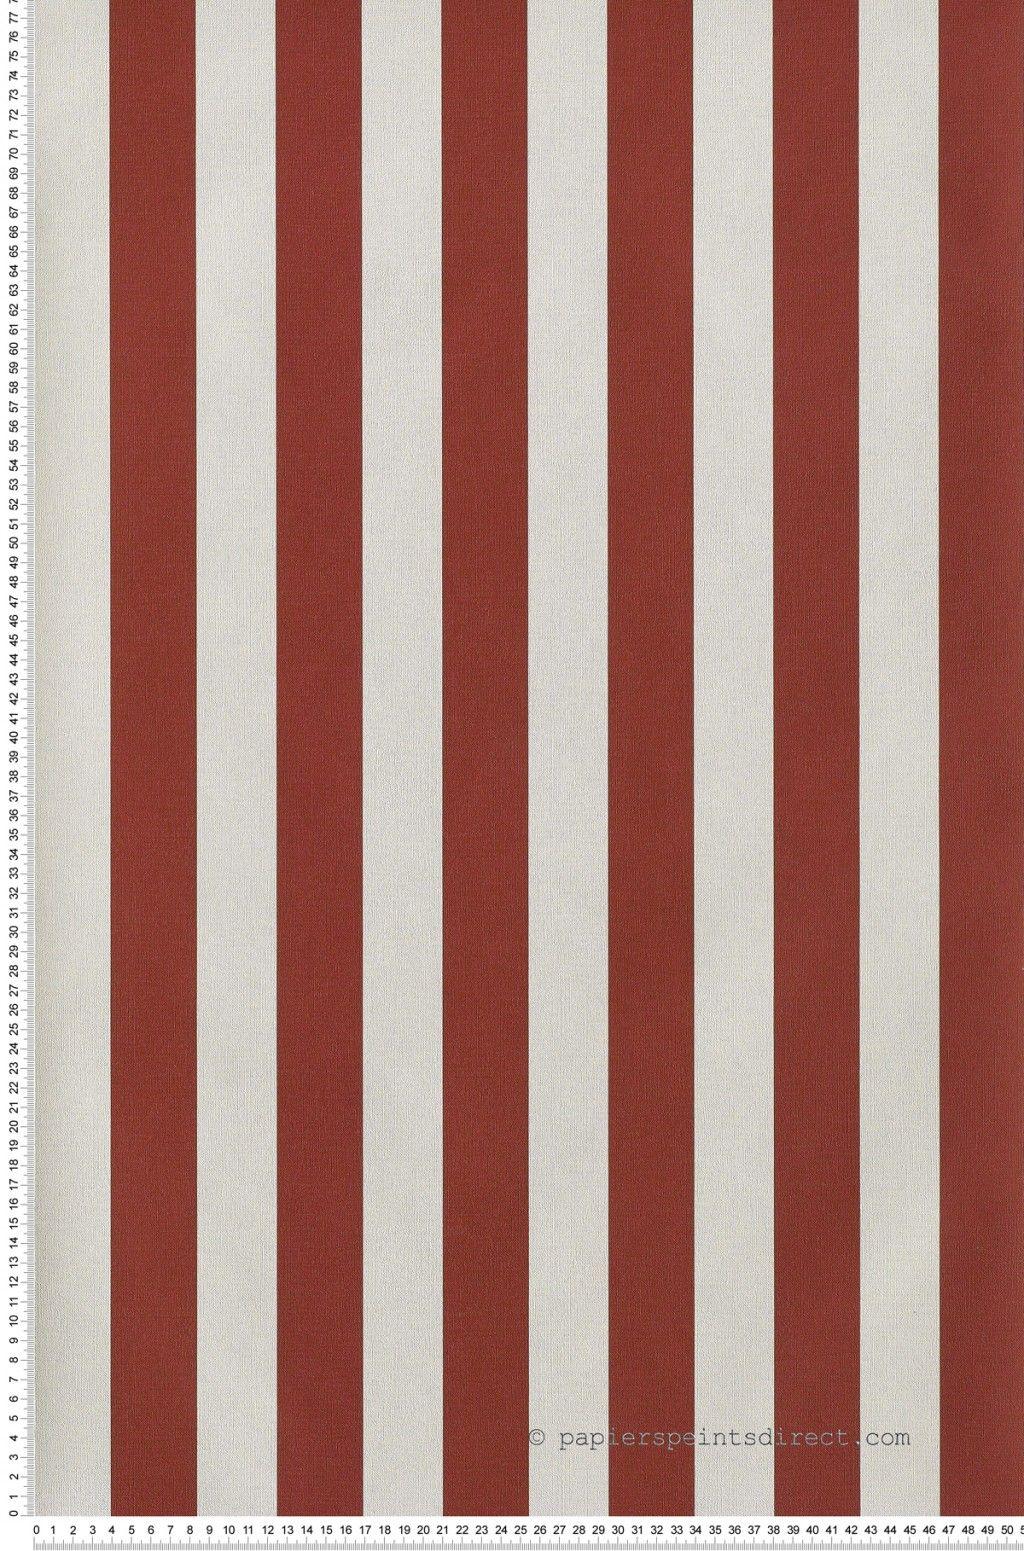 rayures papier peint rayure bicolore rouge carmi fr gate papier peint rayures et. Black Bedroom Furniture Sets. Home Design Ideas